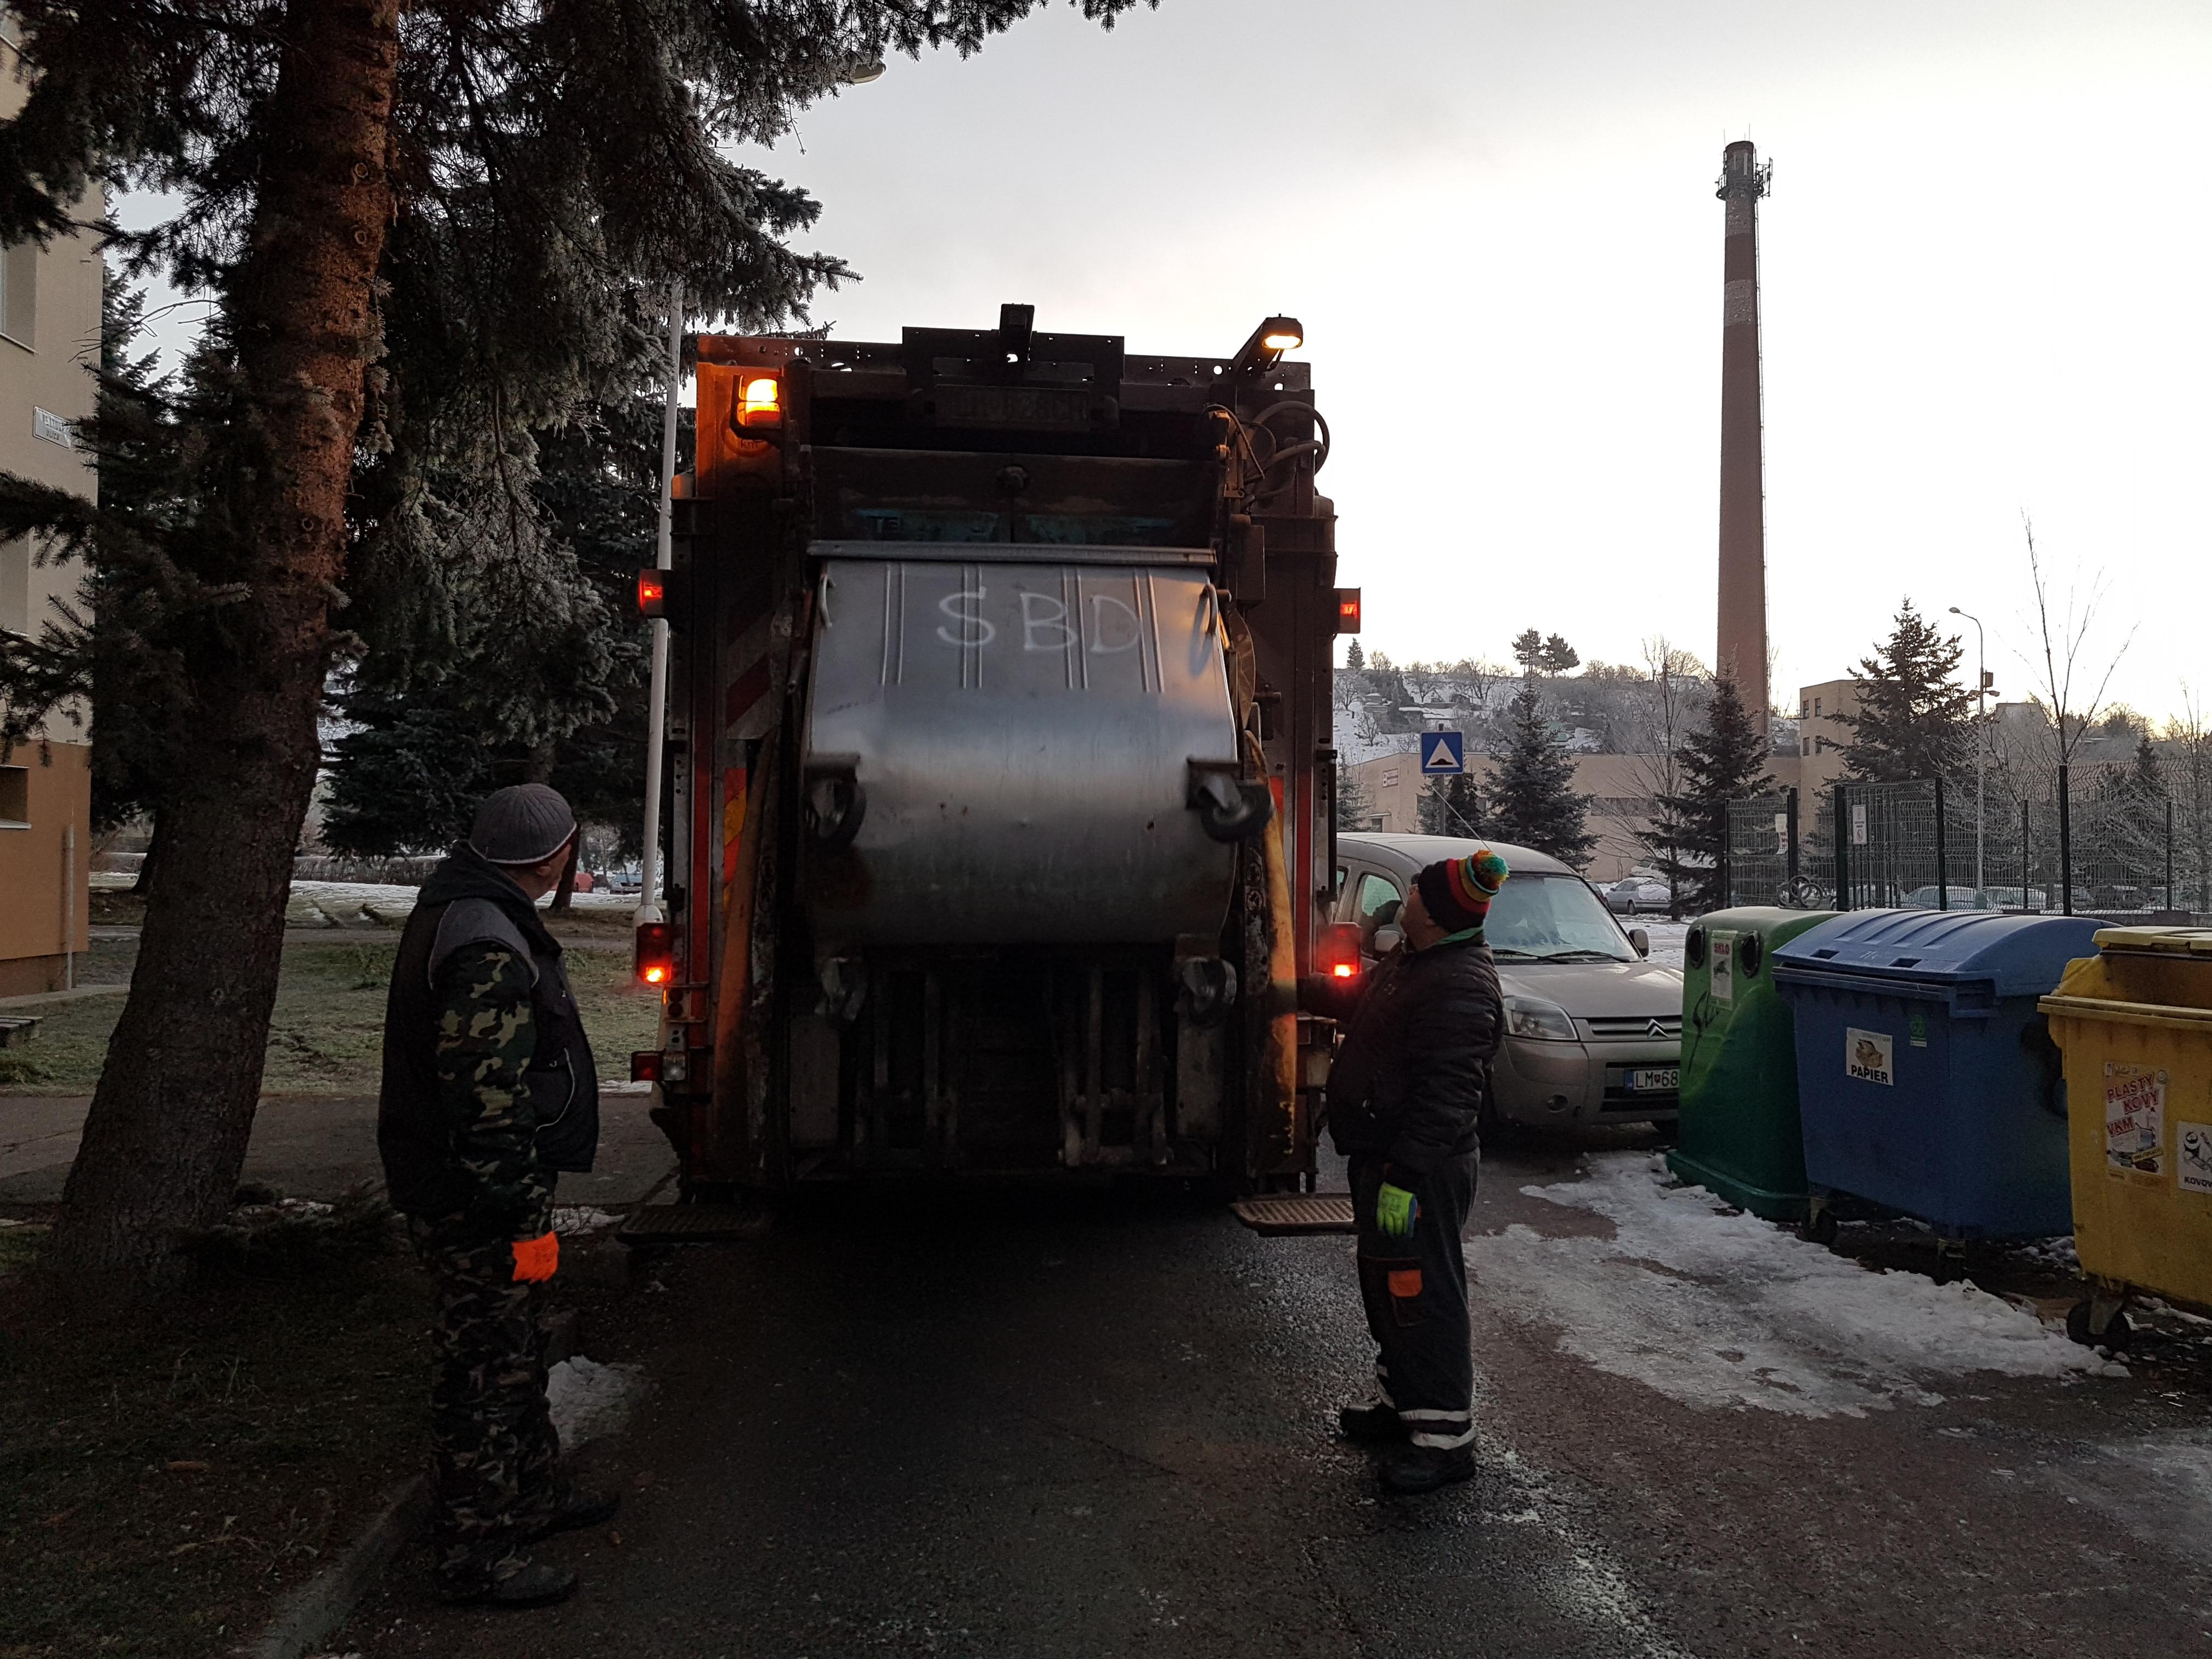 VPS žiada: Umožnite smetiarom prístup k zberným nádobám, ďakujeme!